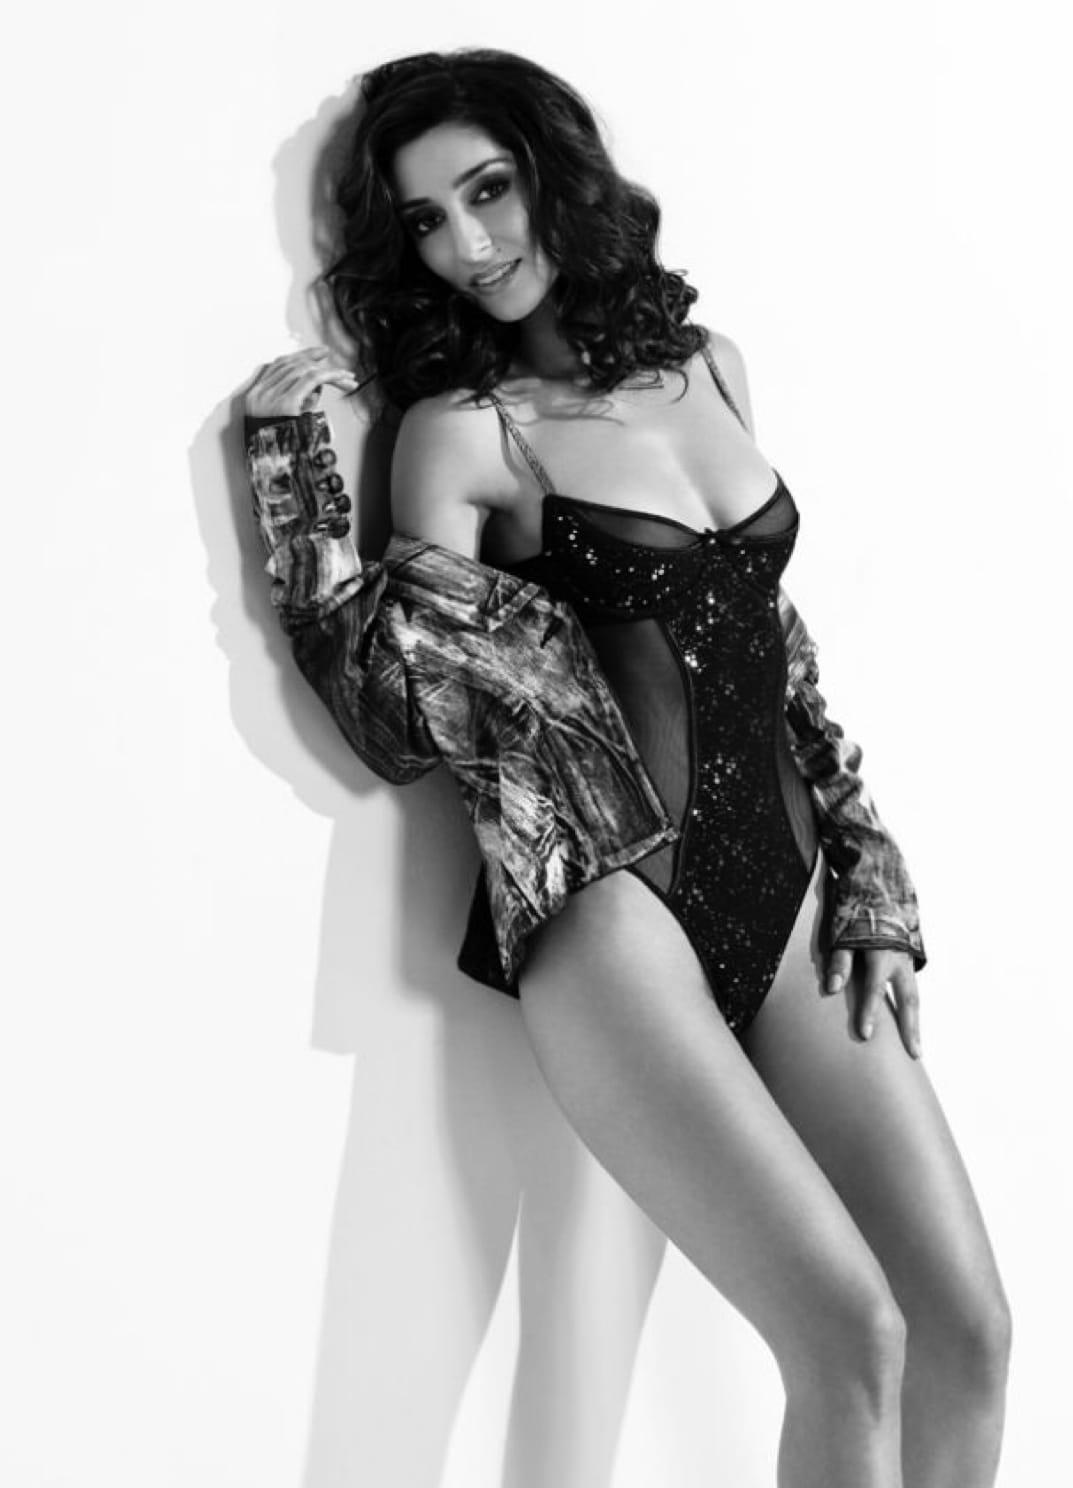 Penny Edwards (actress),Shilpa Shetty Porno images Gemma Bissix (born 1983),Nalini Jaywant